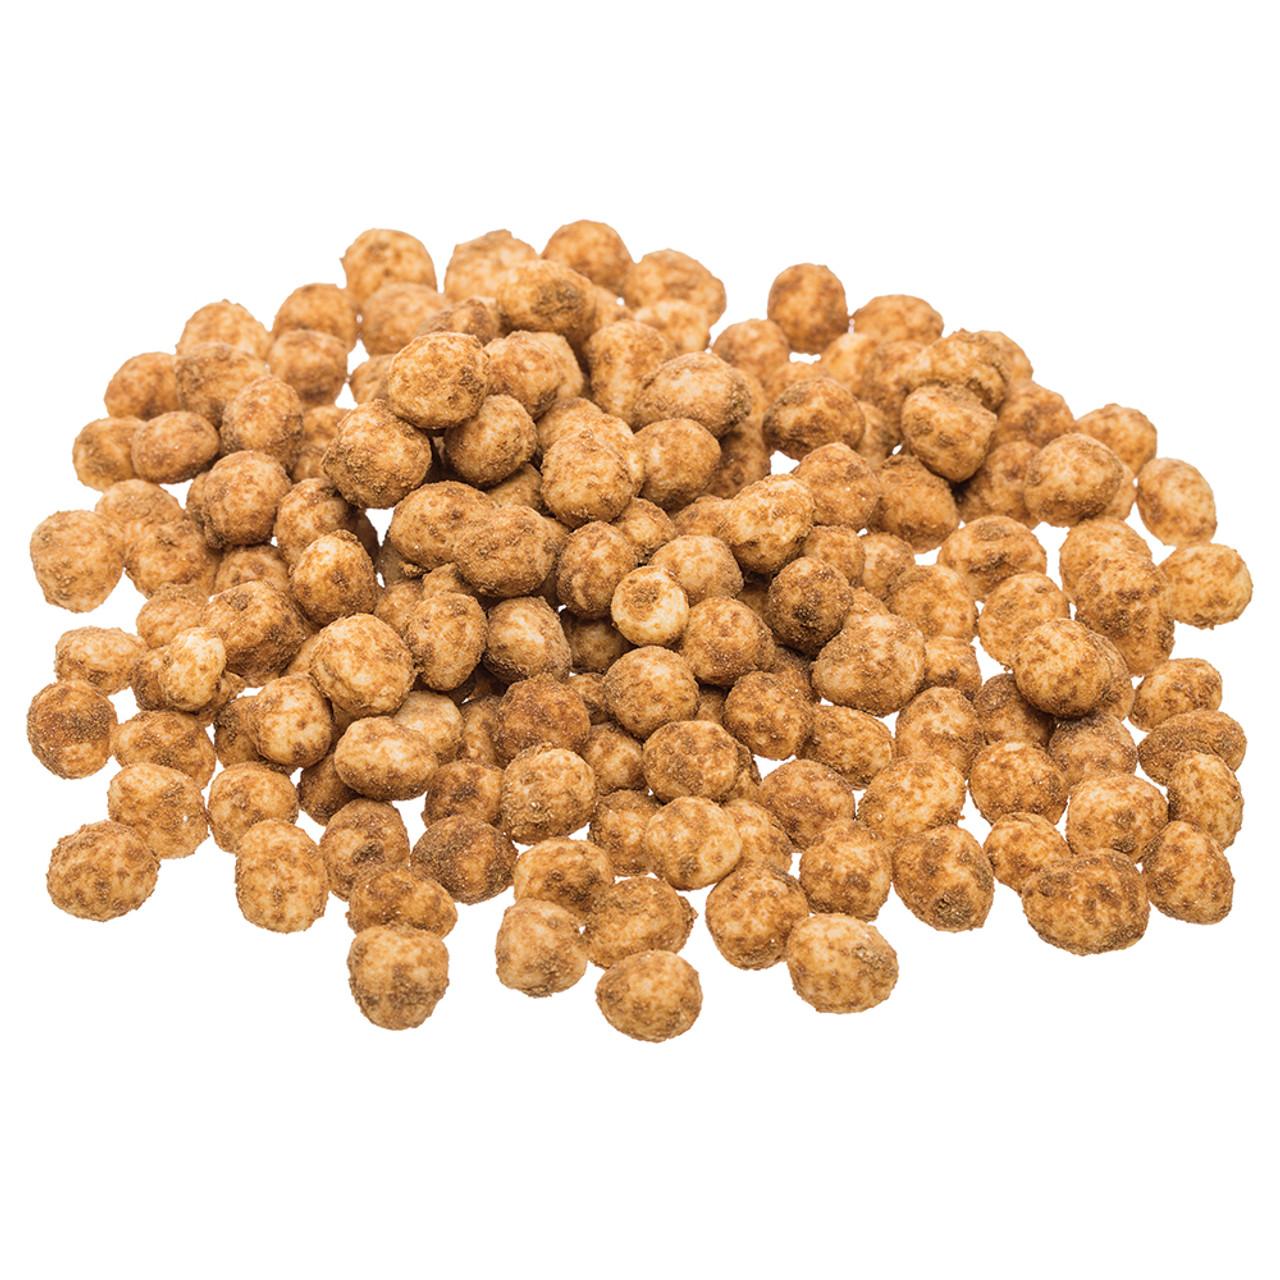 Redbarn Naturals Chicken Flavor Protein Puffs Cat Treats